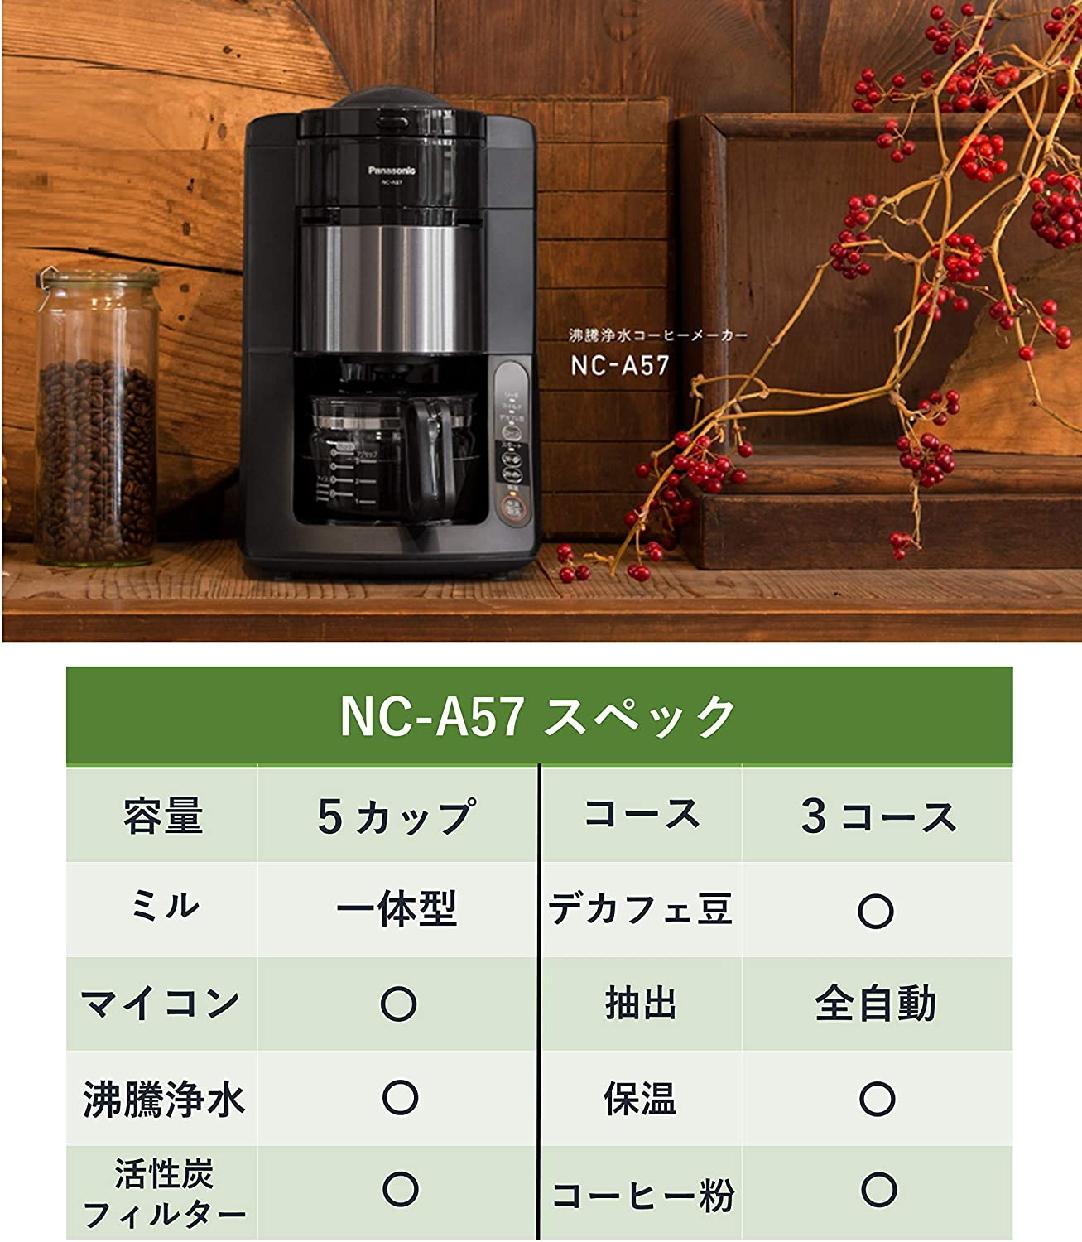 Panasonic(パナソニック)沸騰浄水コーヒーメーカー NC-A57の商品画像7